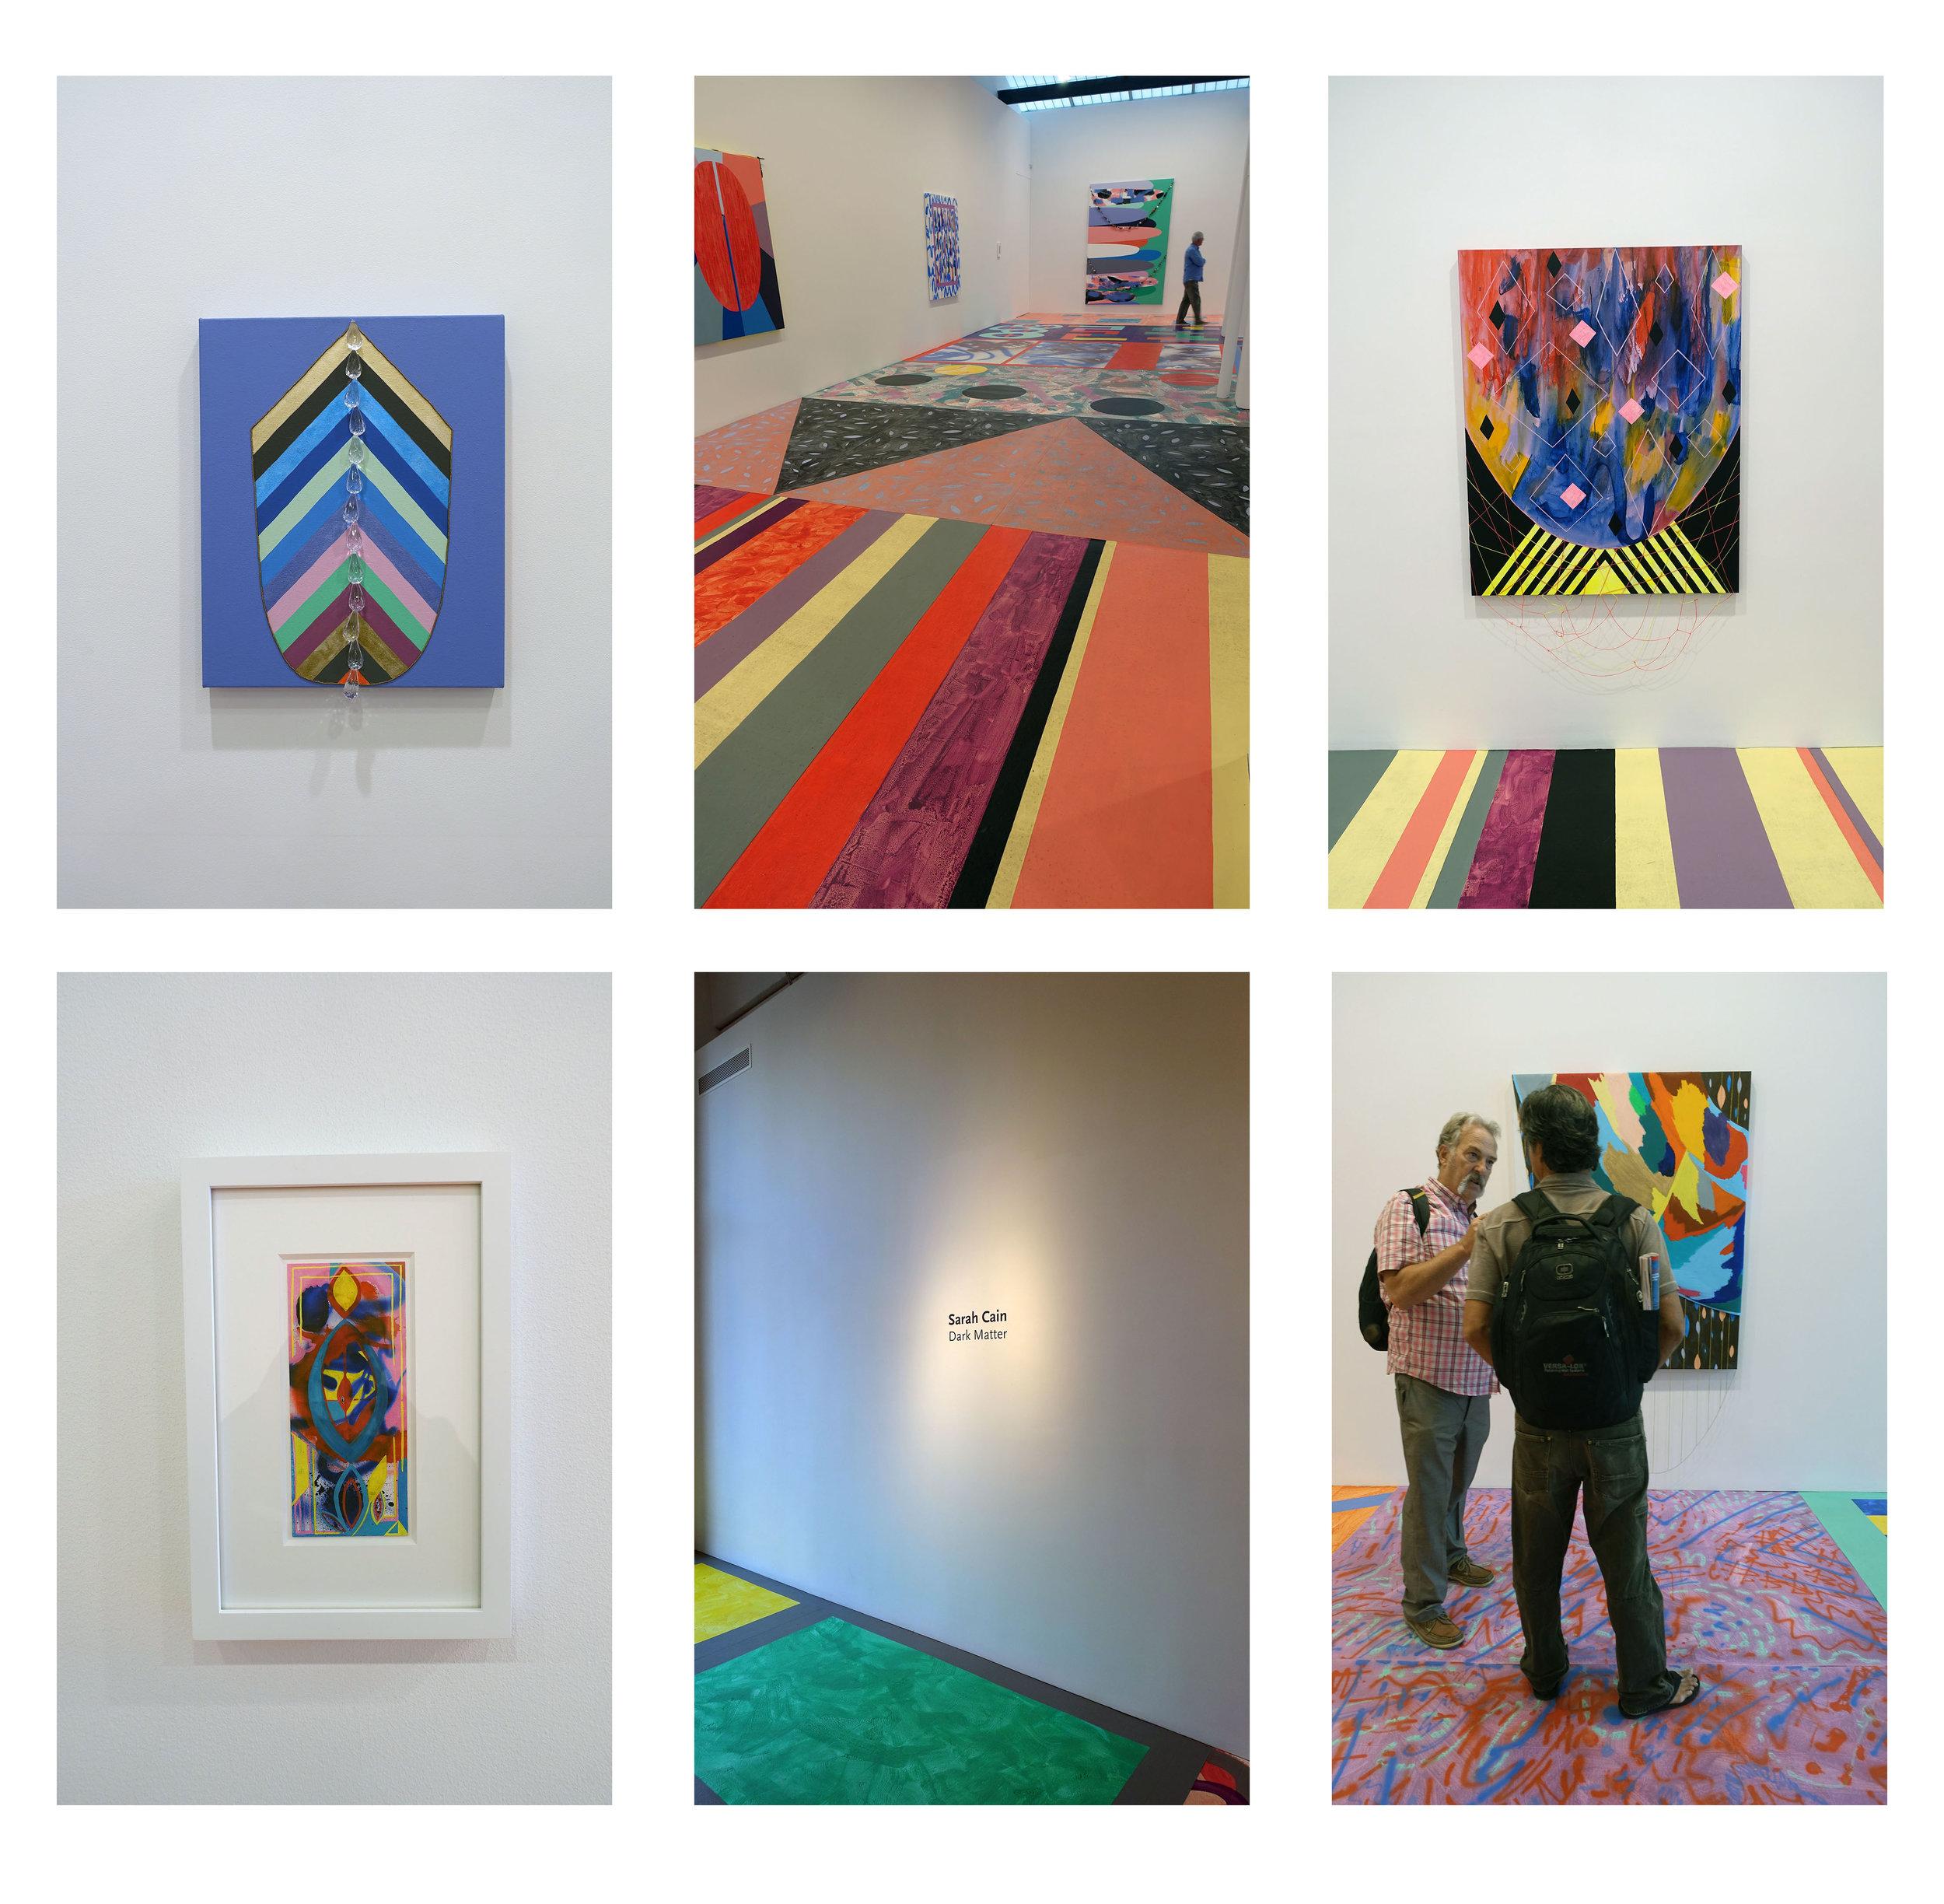 Sarah Cain  @ Galerie Lelong , 528 West 26th Street, NY, NY